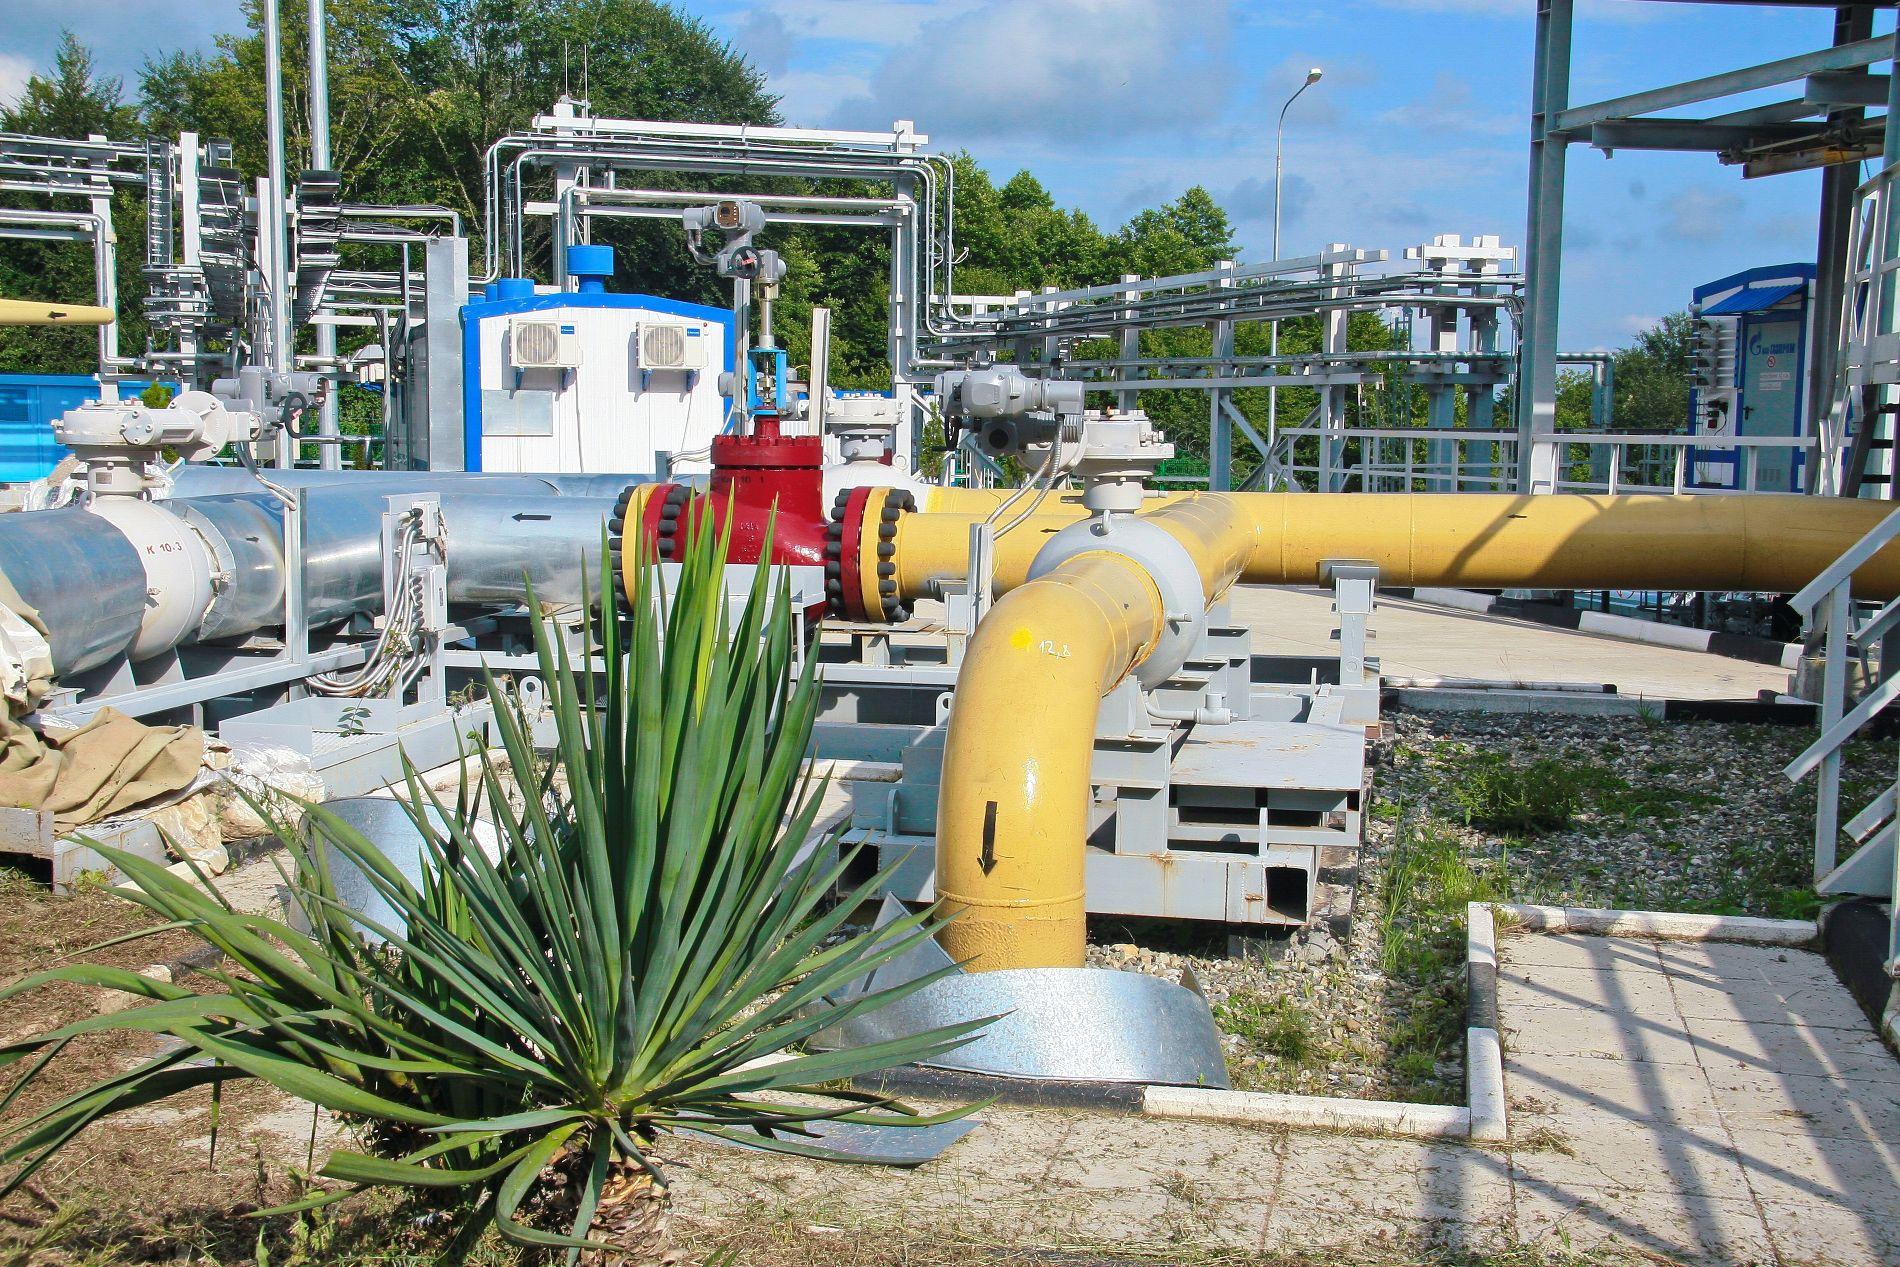 Газораспределительная станция ©Фото предоставлено пресс-службой ООО «Газпром трансгаз Краснодар»